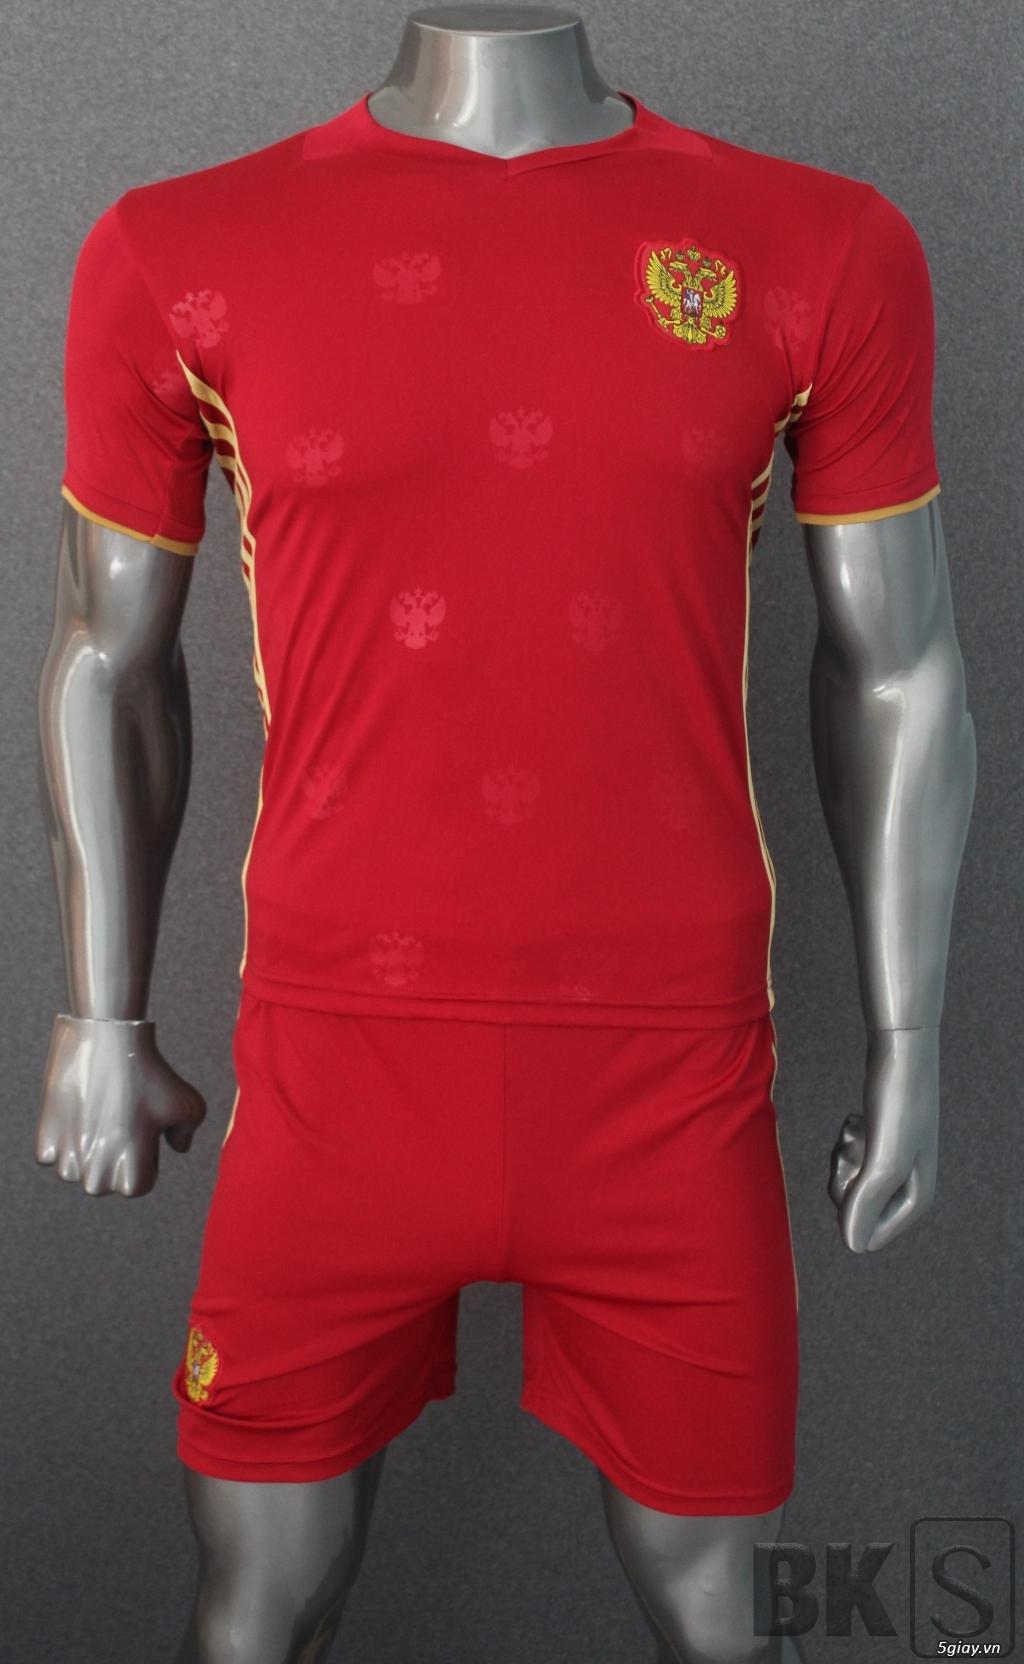 Áo bóng đá HP-địa chỉ gốc sản xuất trang phục thể thao số 1 Việt Nam - 33